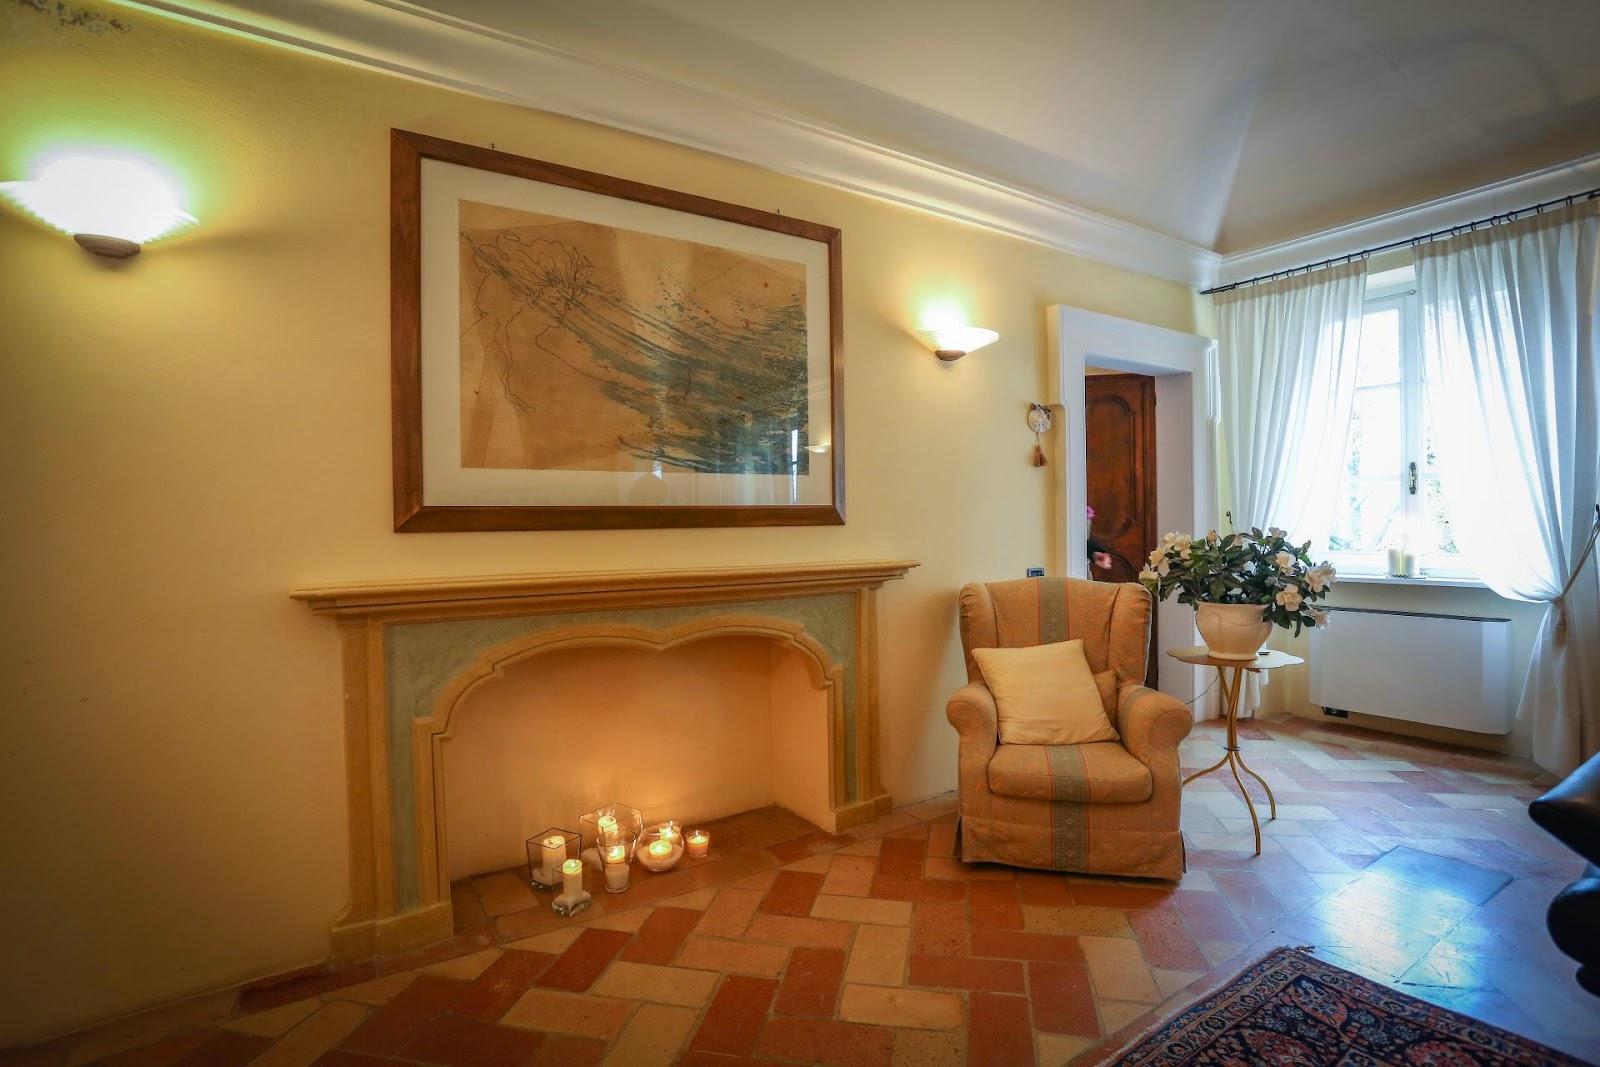 Ferienhaus Villa Montemaggiore (934885), Colli del Tronto, Ascoli Piceno, Marken, Italien, Bild 19